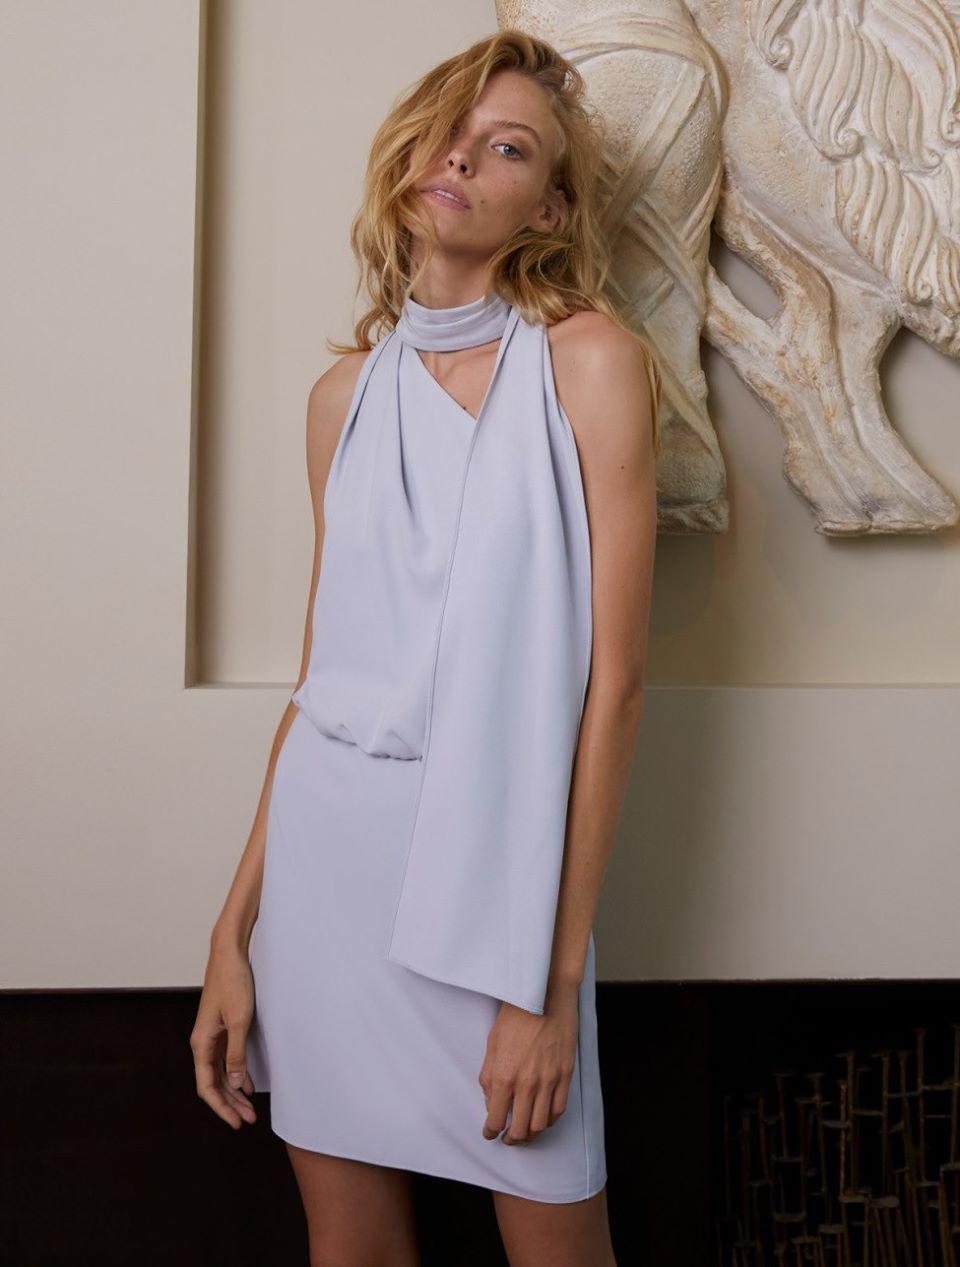 Scarf Neck Dress - Slate Grey - Size 2 by Halston Heritage